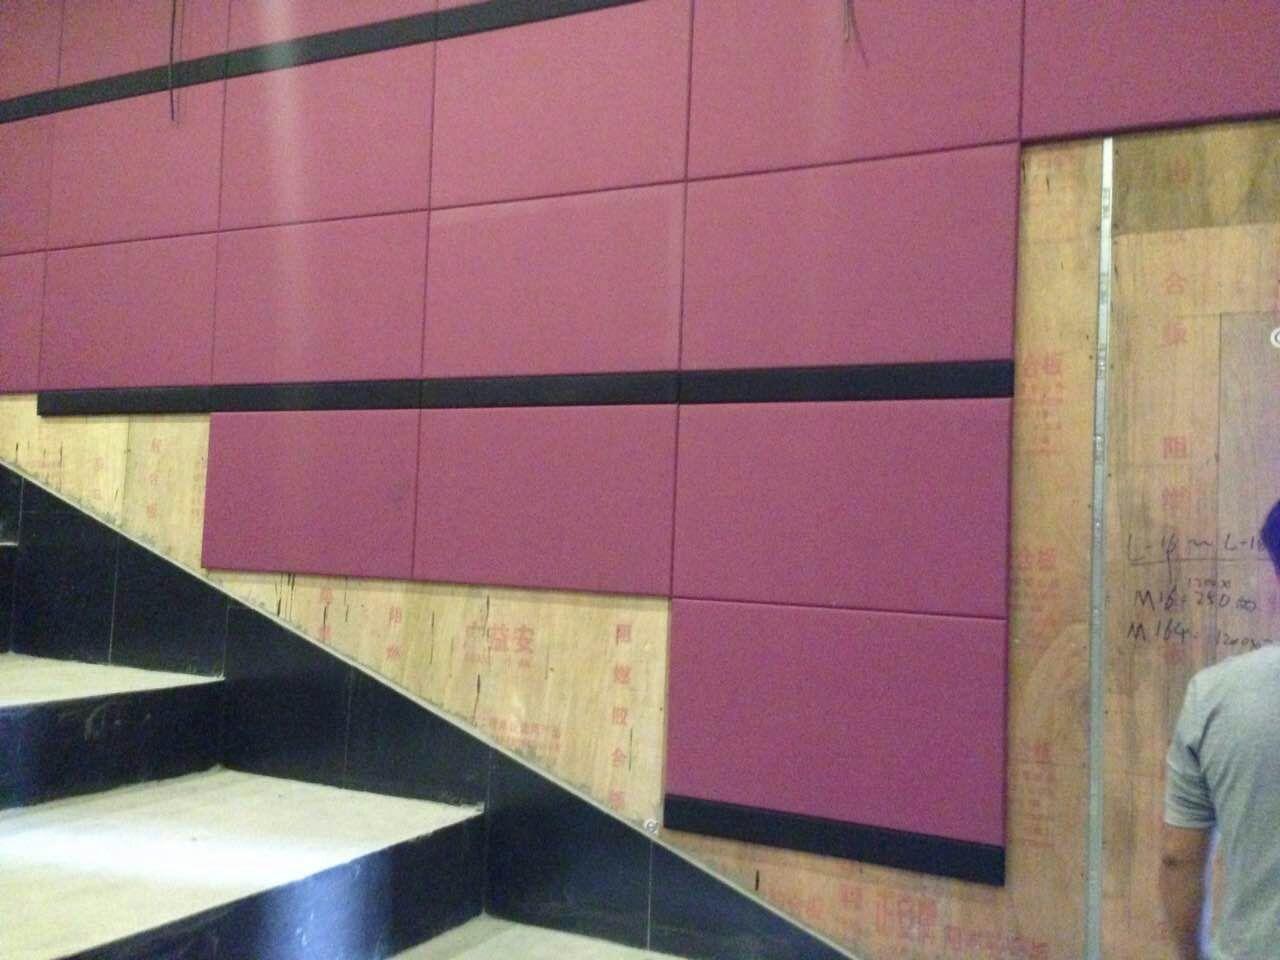 电影院声学设计与施工技术--瑞鑫软包吸音板声学材料厂